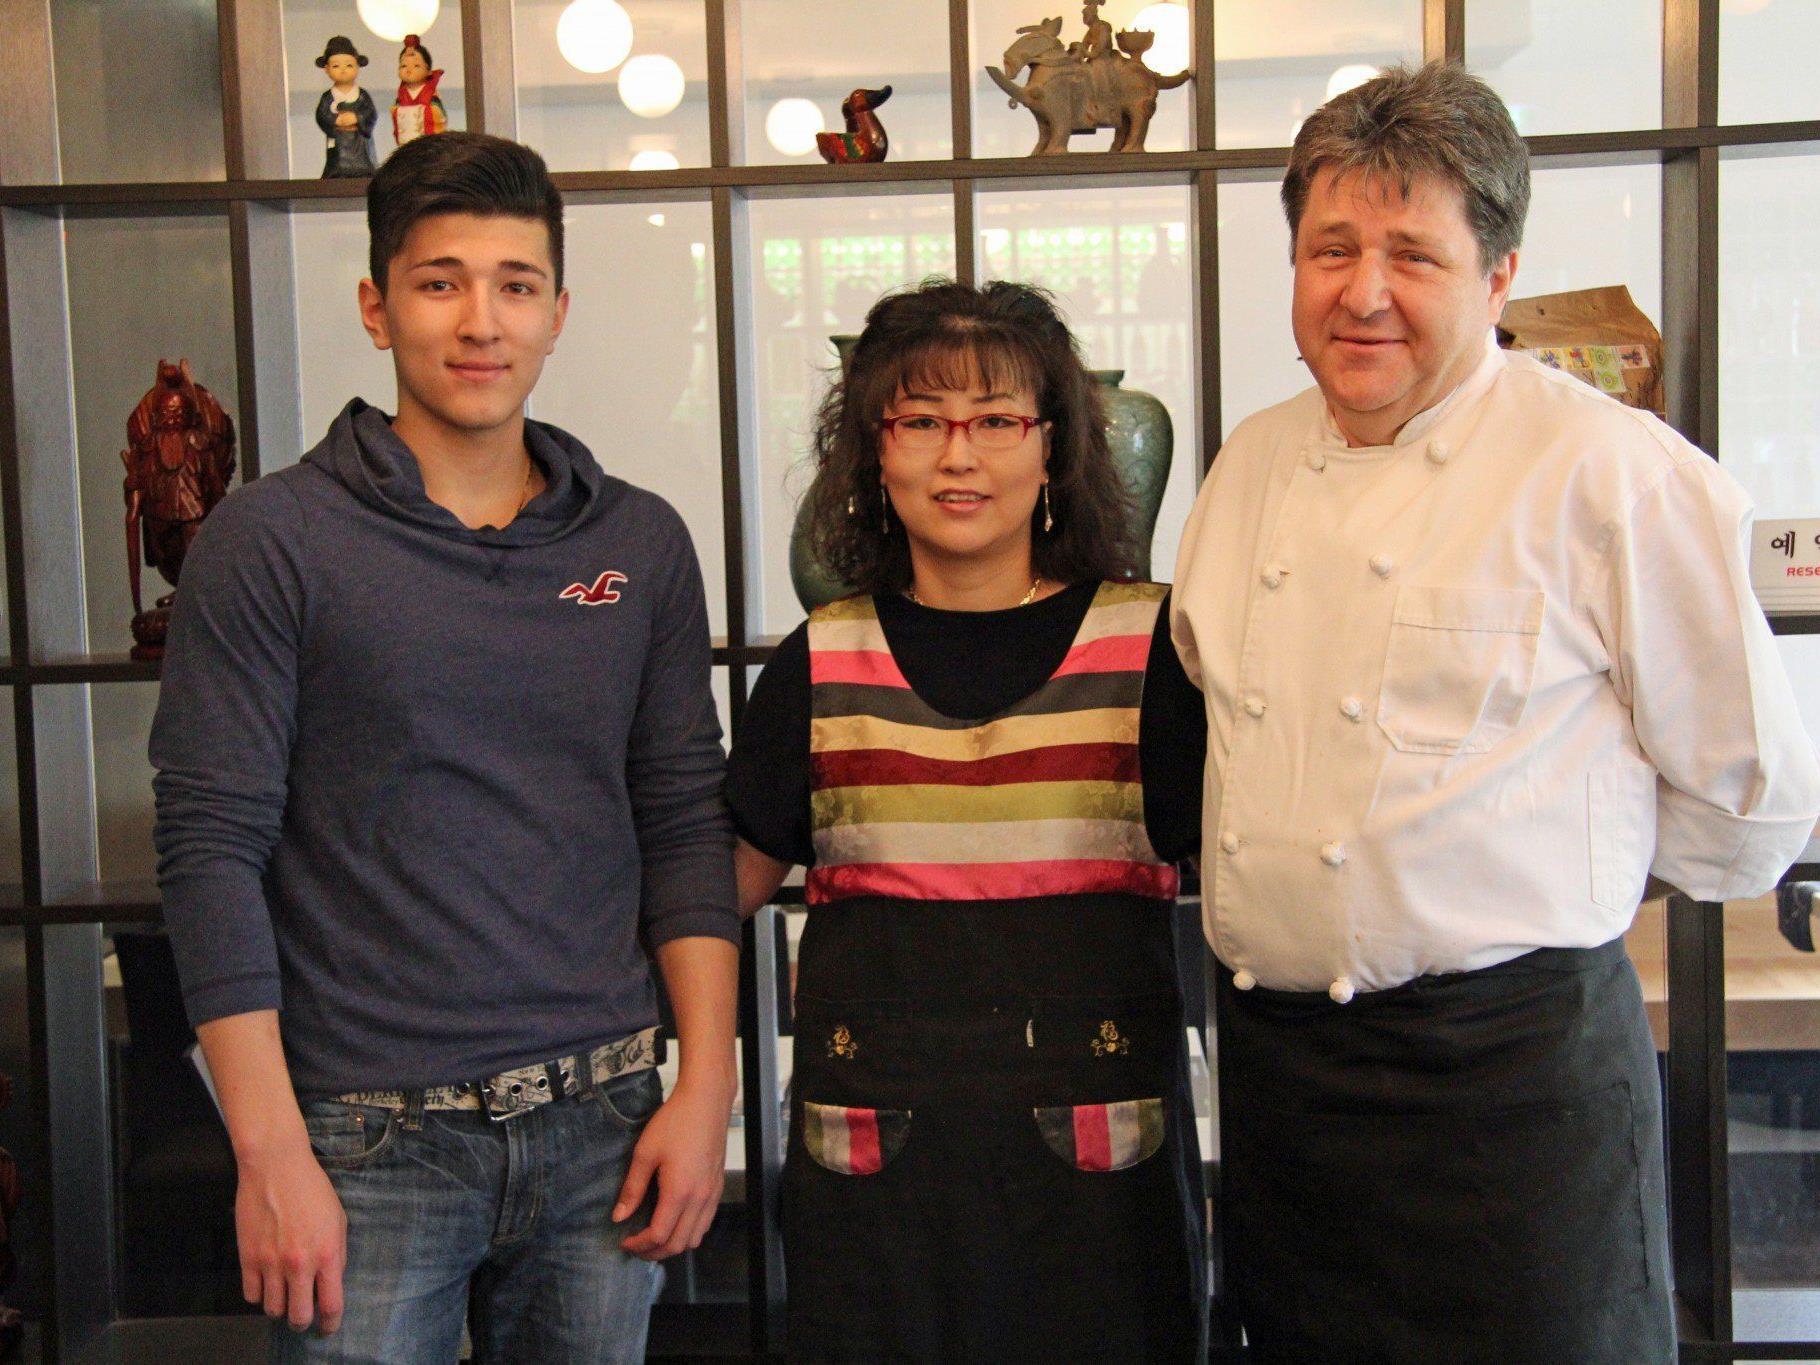 Familie Müller von Okims Restaurant in Hard.